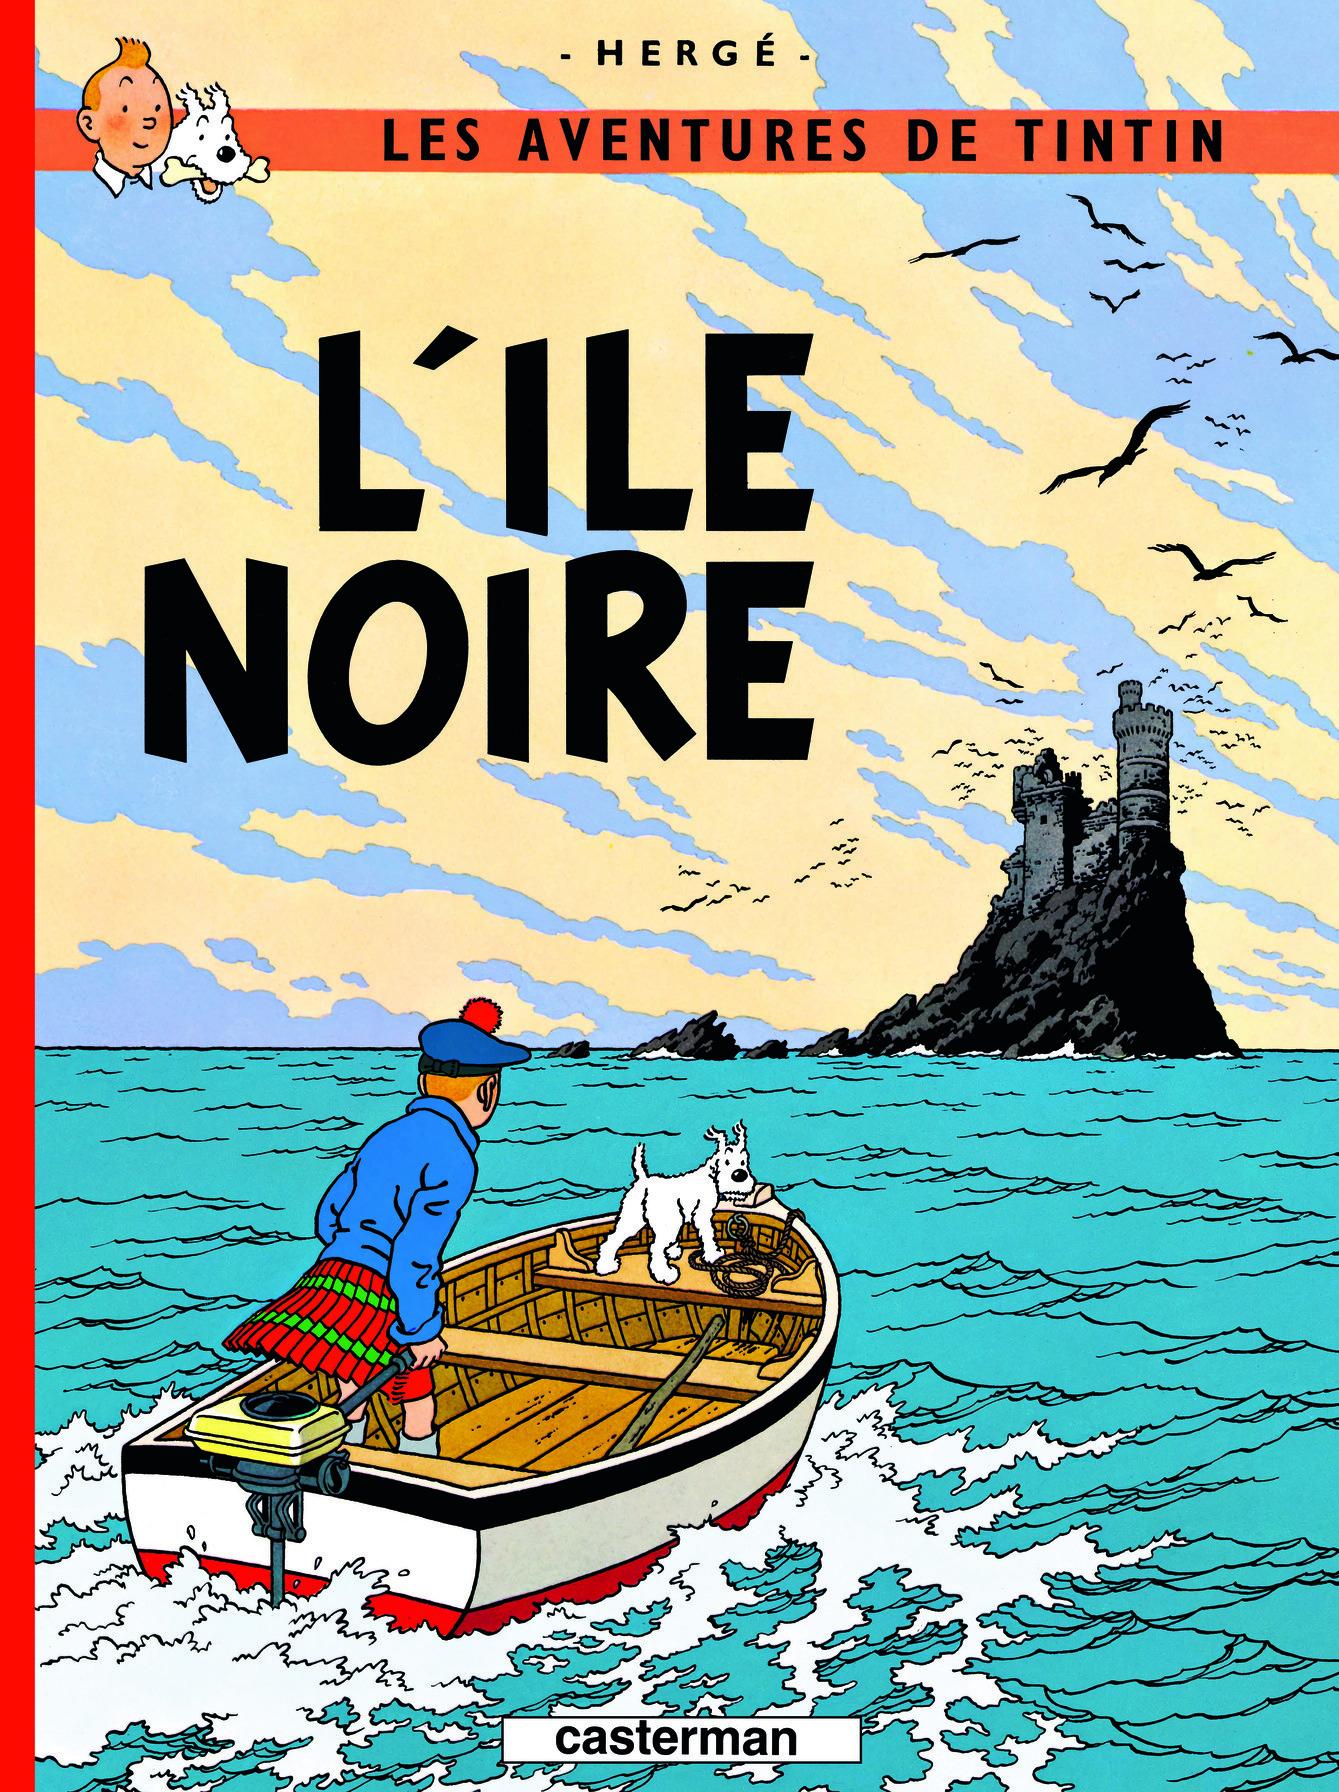 TINTIN - T07 - L' ILE NOIRE